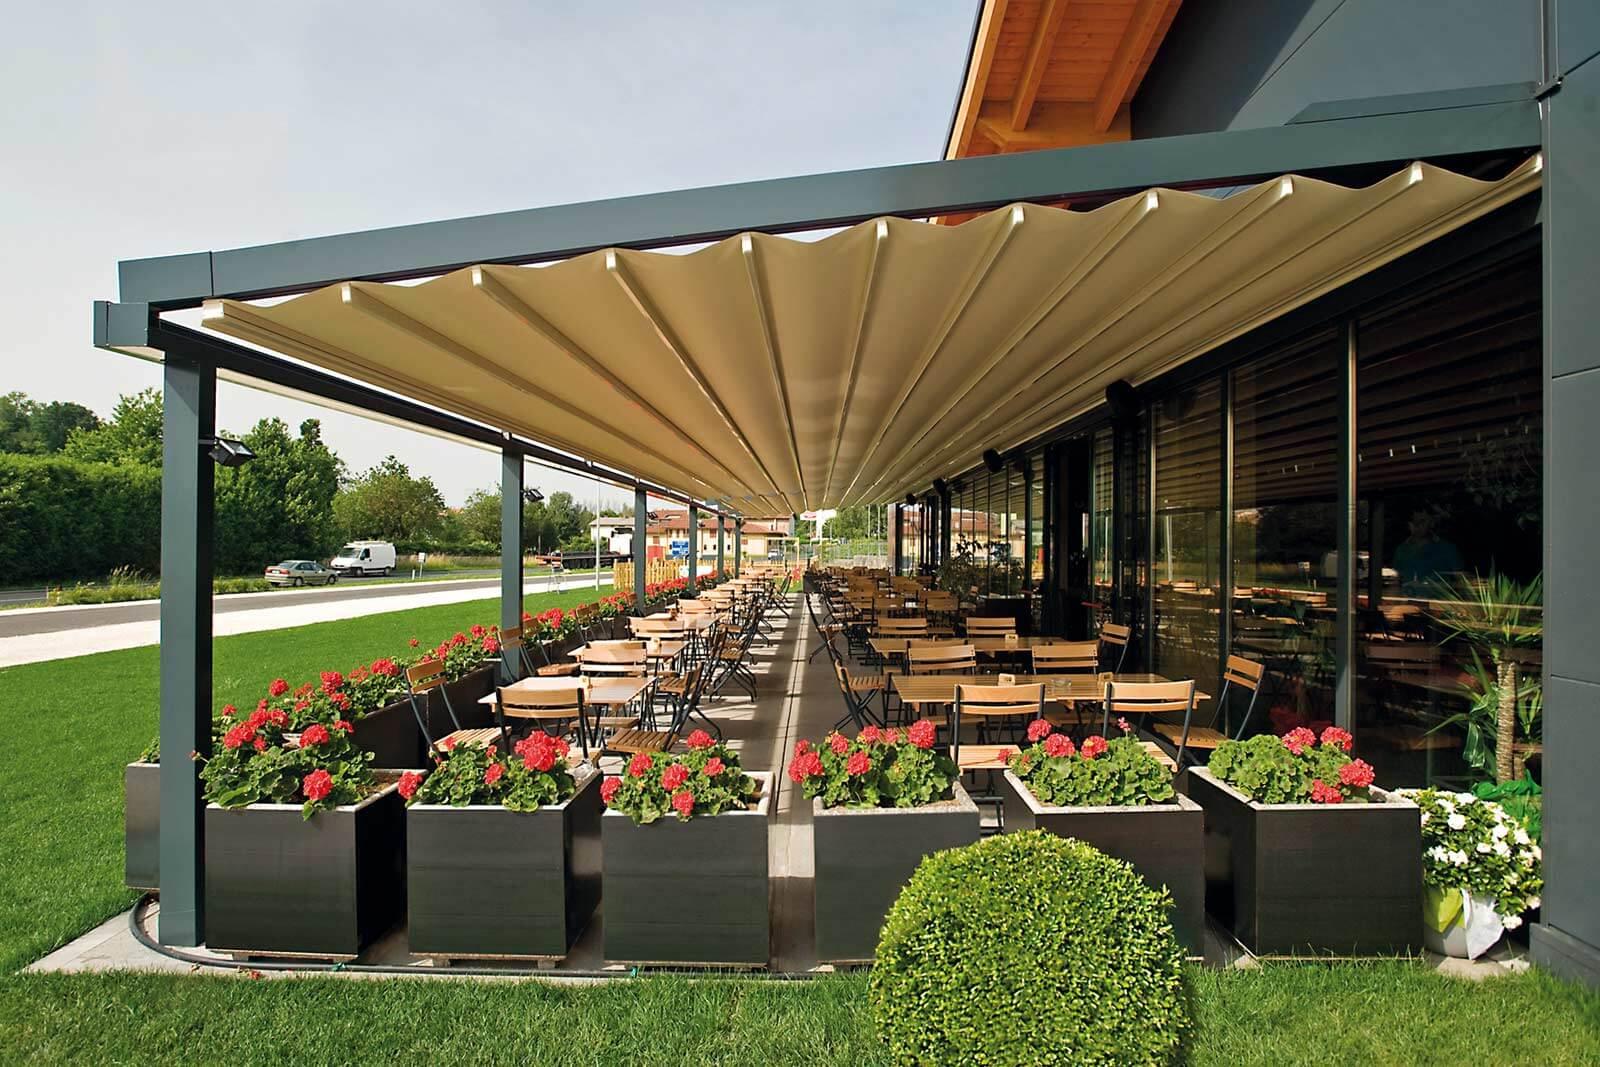 Pergola mito ristoranti bar case sanremo Domus Point